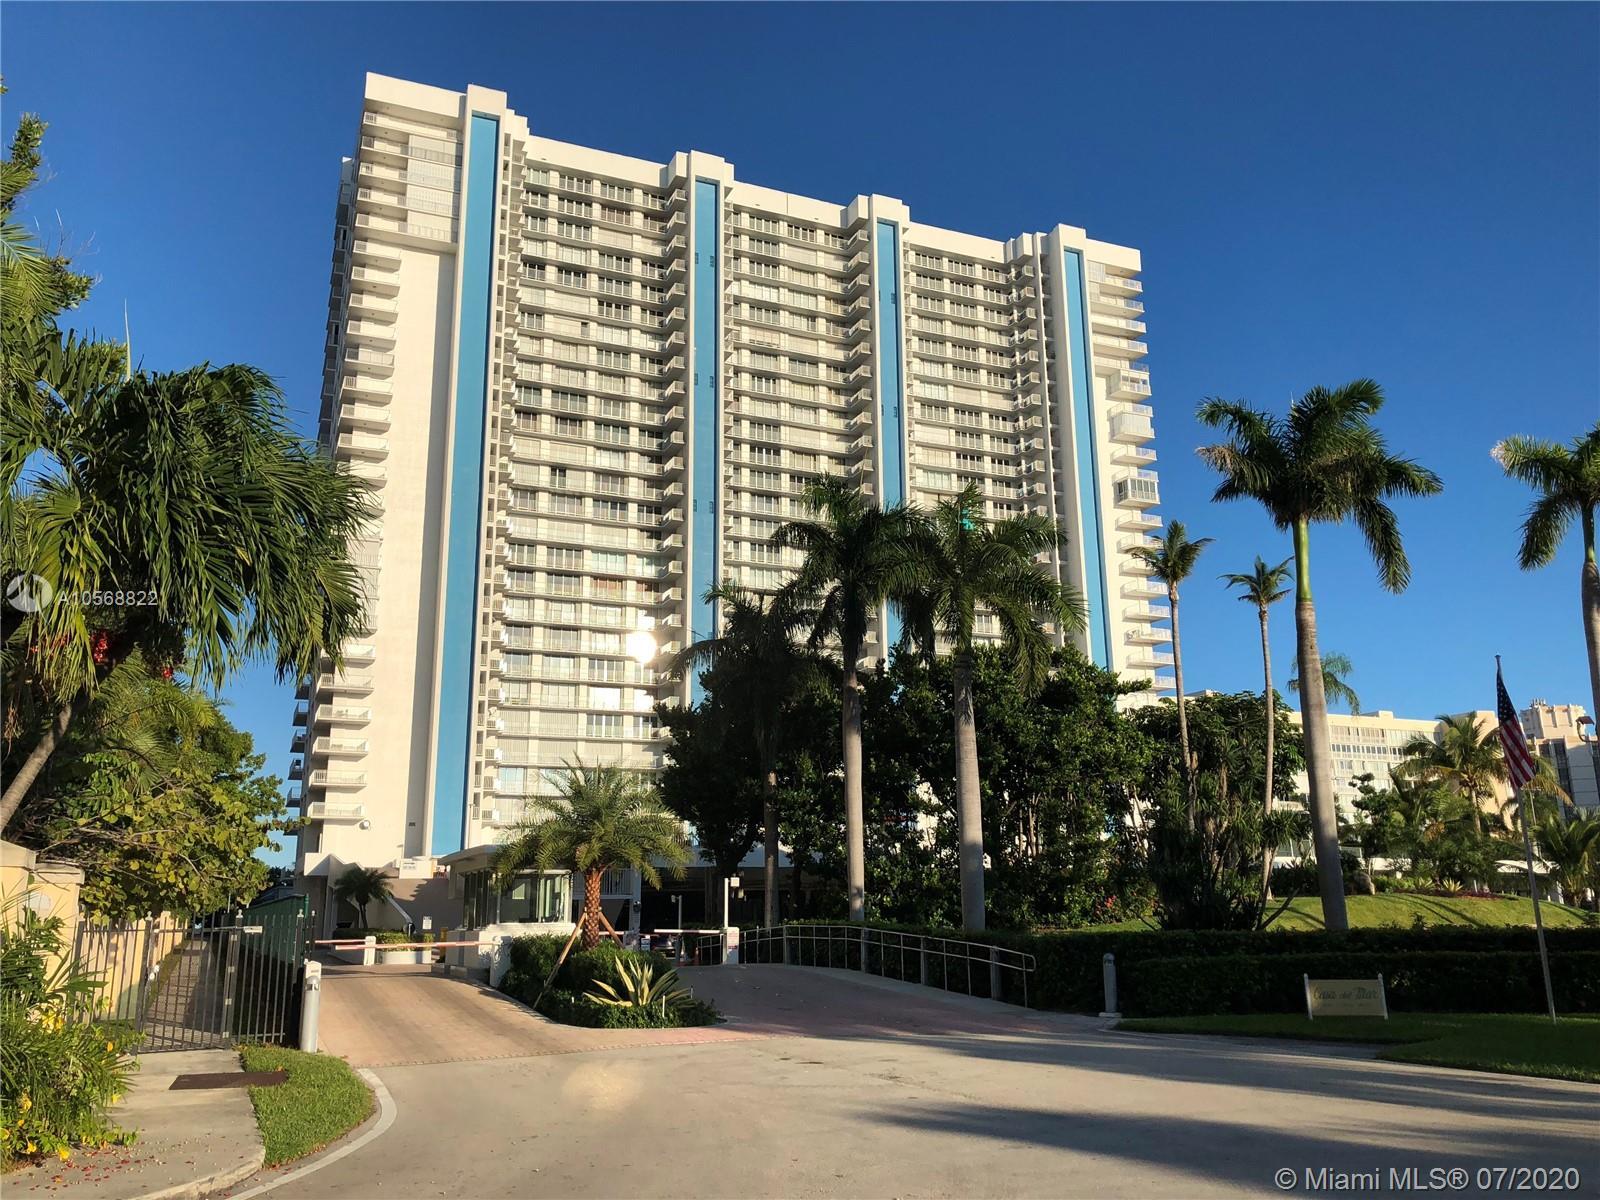 881 Ocean Dr # L2, Key Biscayne, Florida 33149, 1 Bedroom Bedrooms, ,2 BathroomsBathrooms,Residential,For Sale,881 Ocean Dr # L2,A10568822